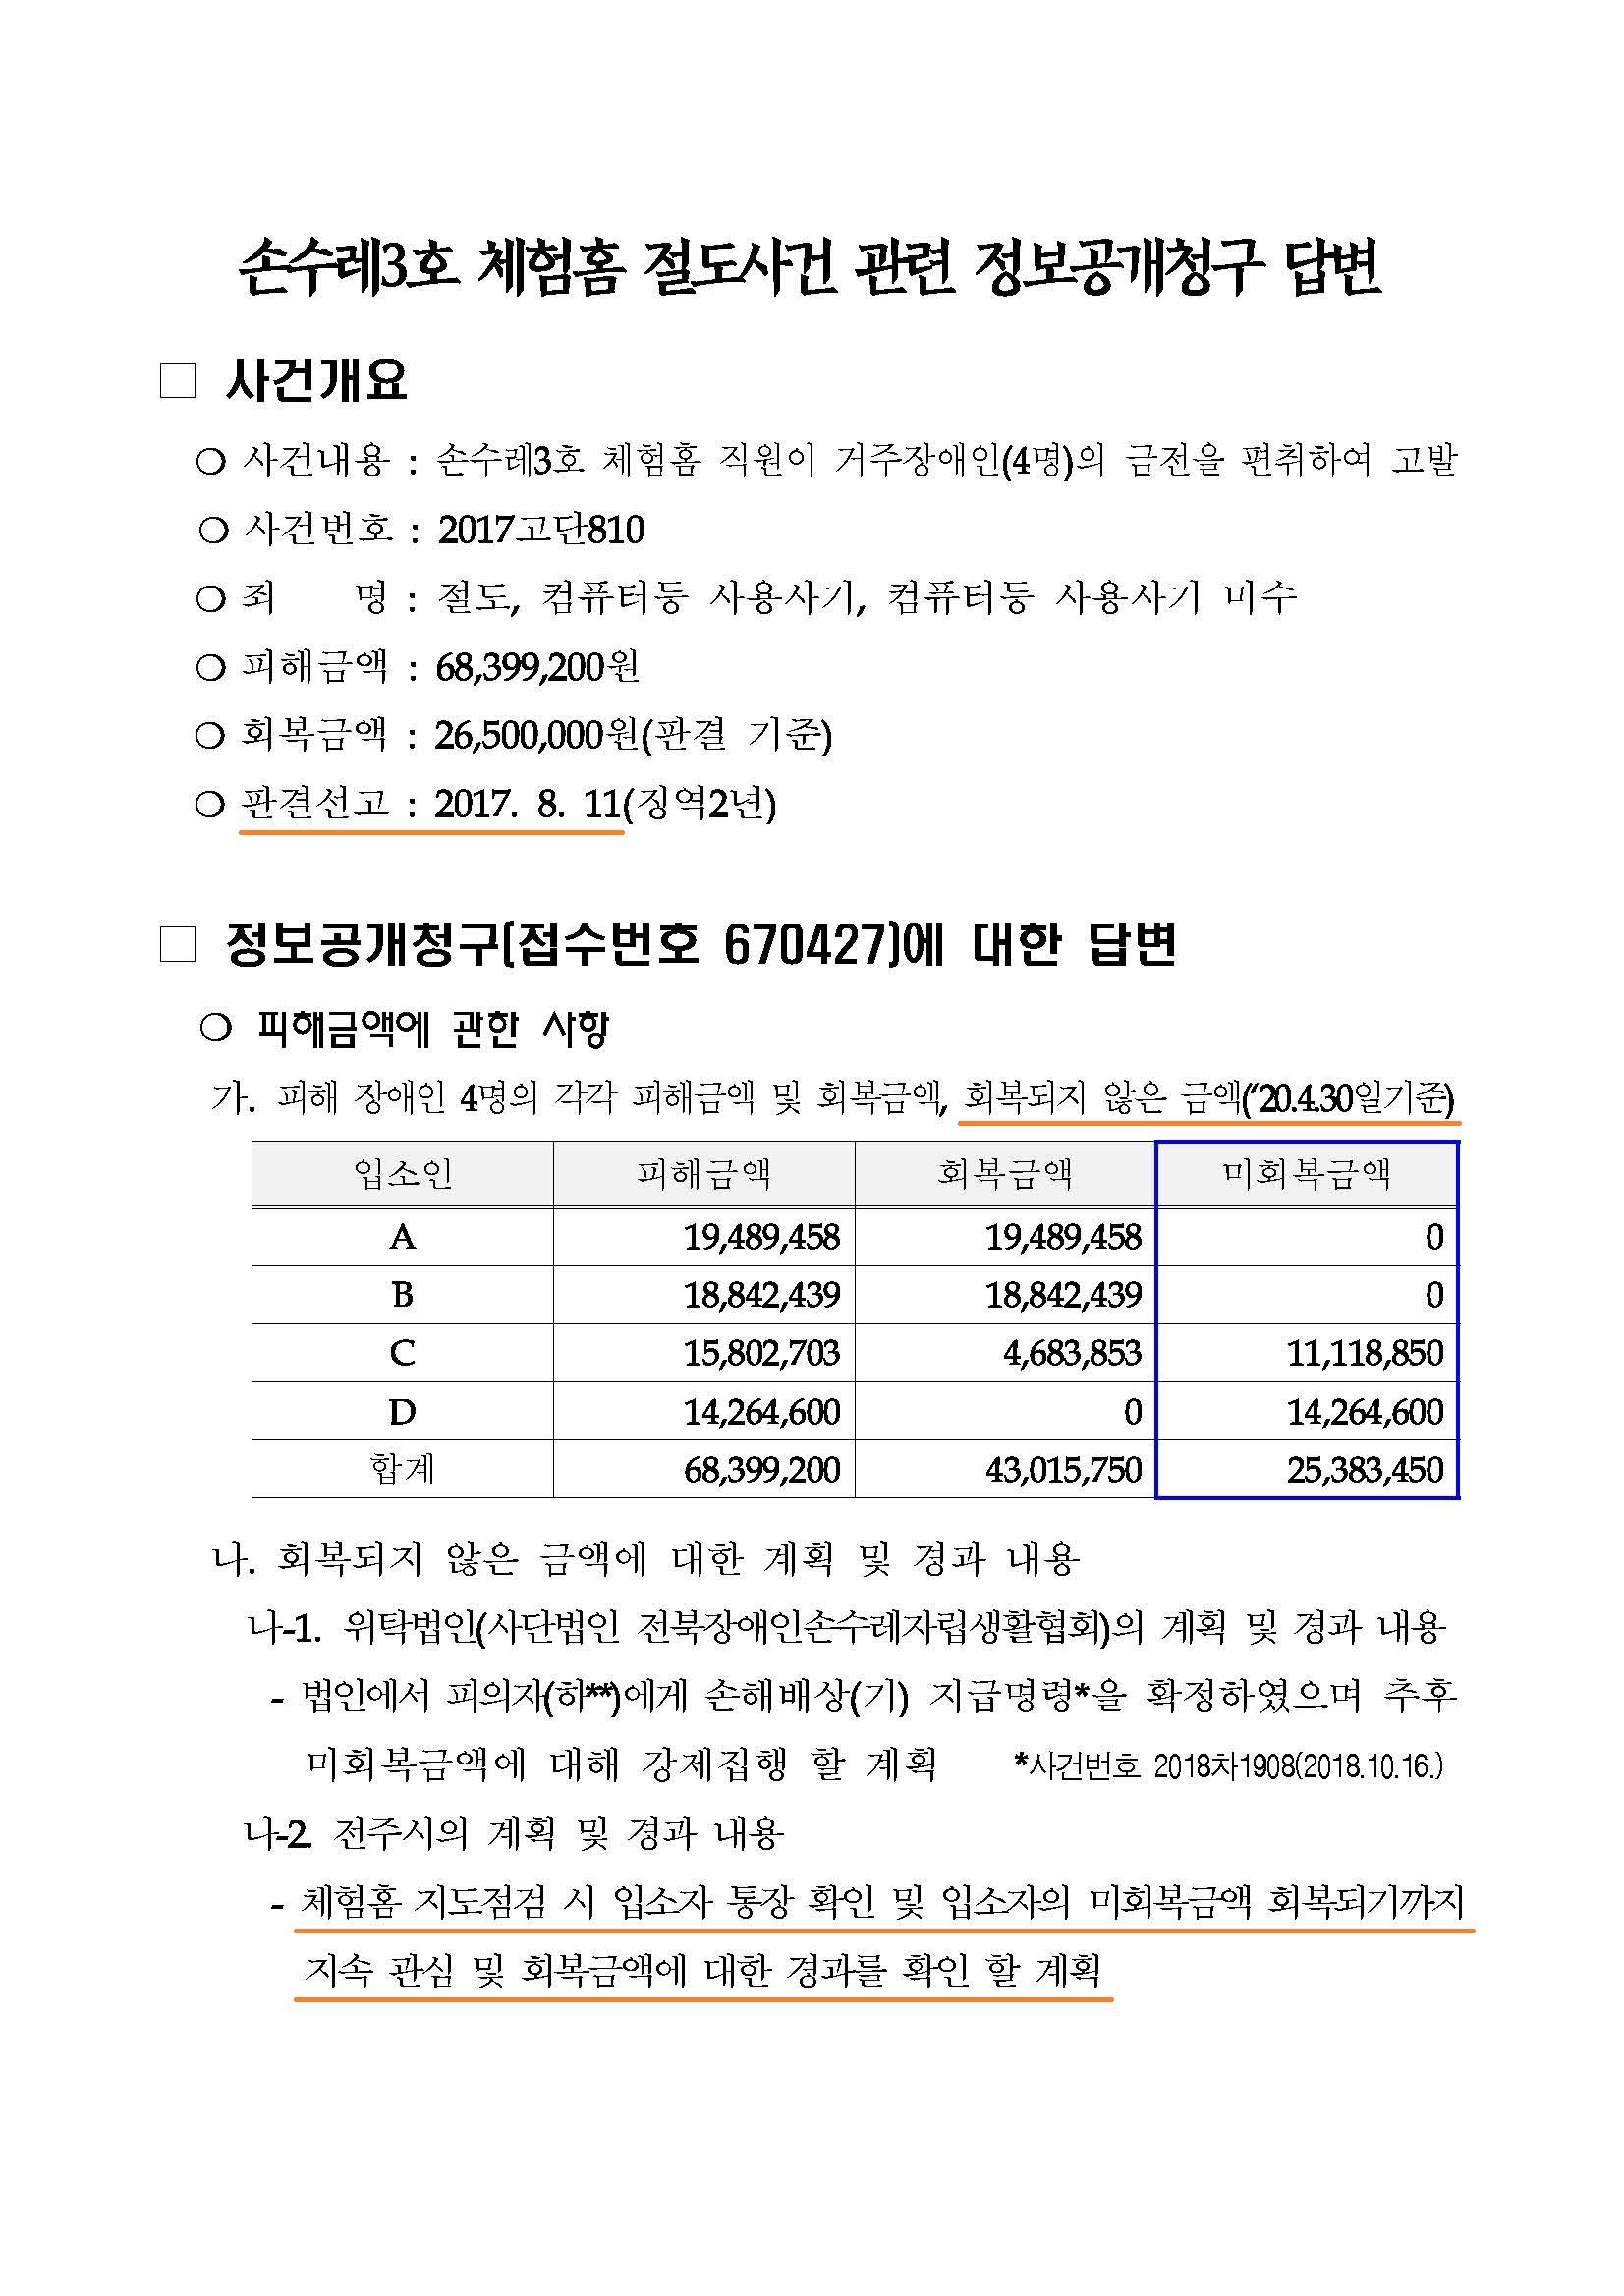 전주시 생활복지과-16759(2020.5.22)호_민원 질의회신_2.jpg